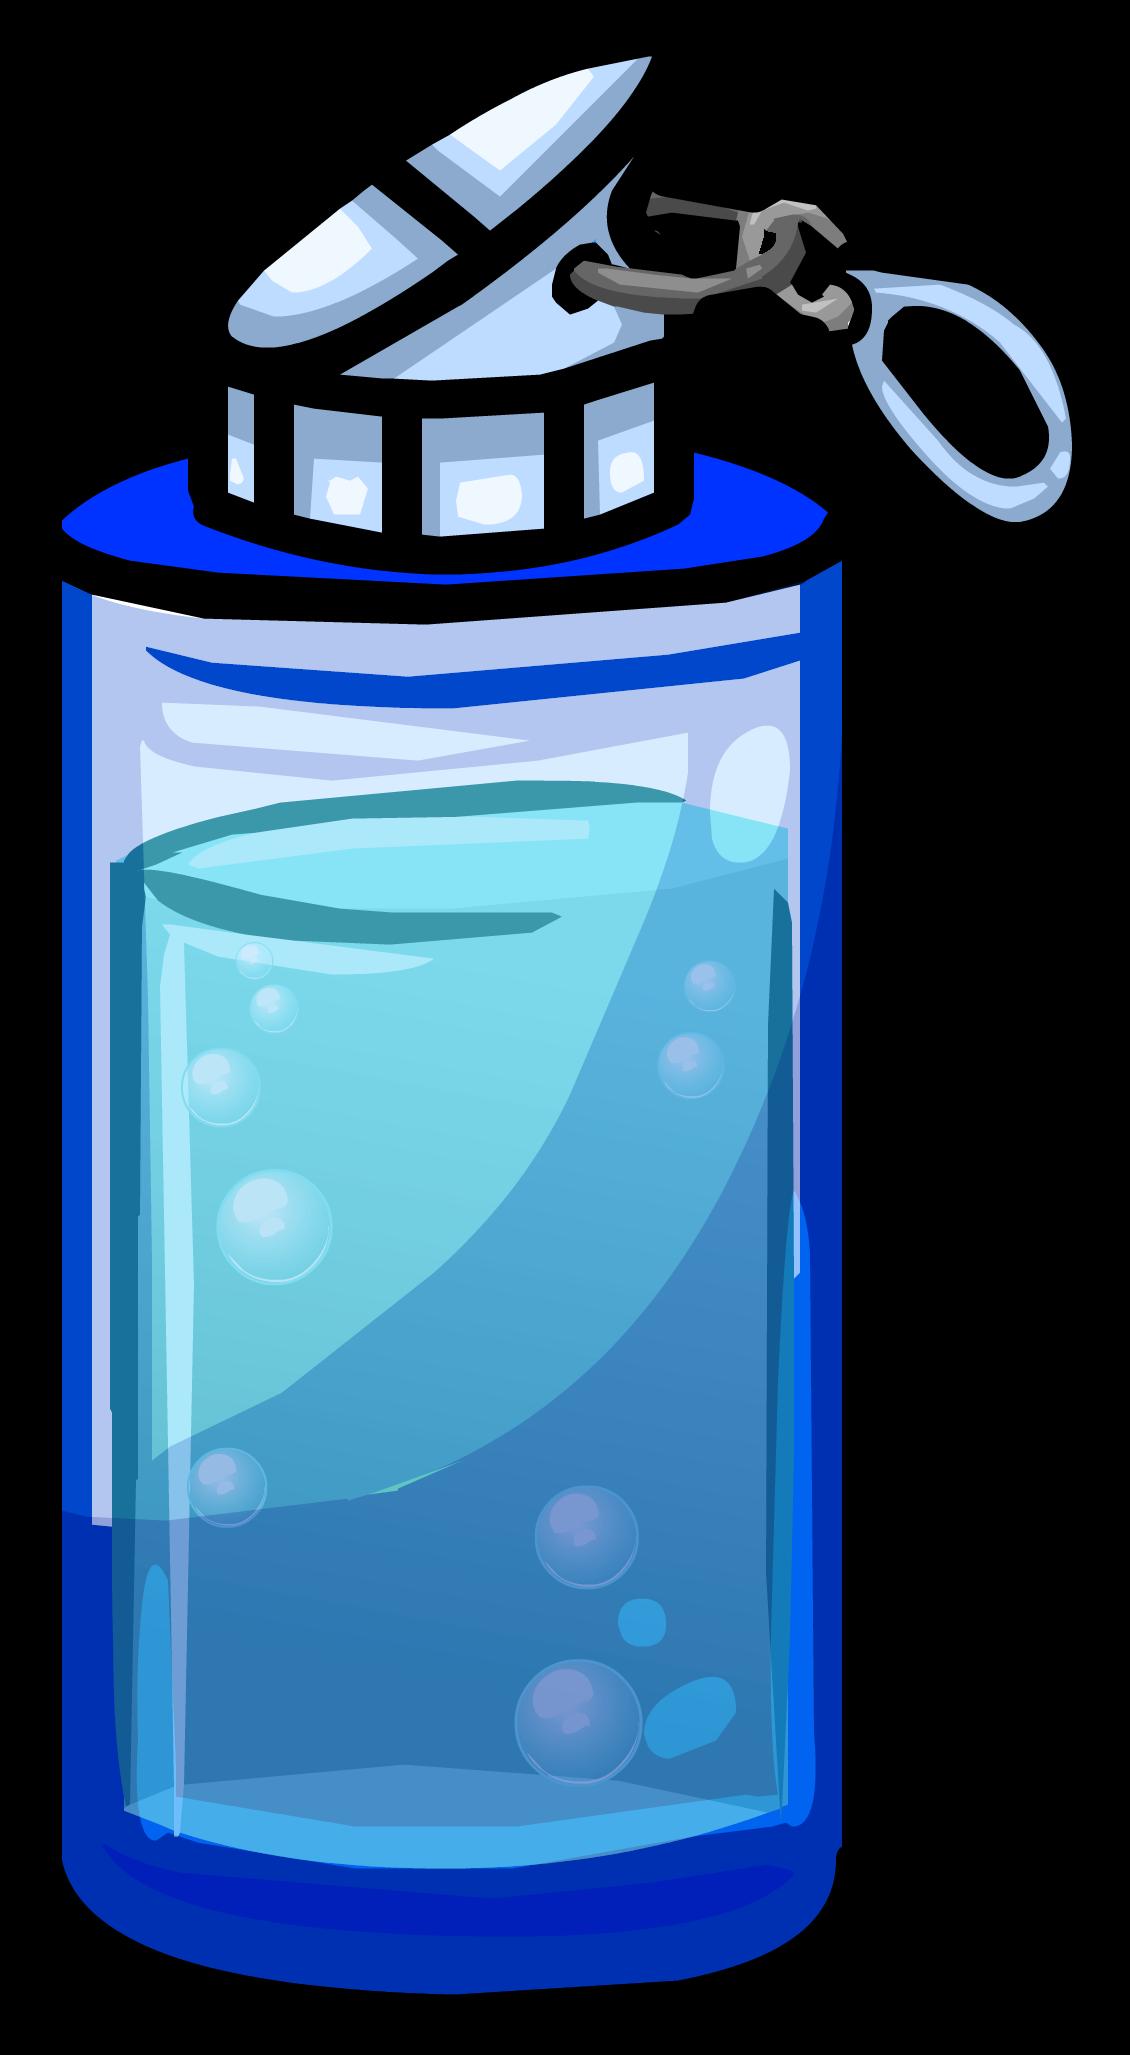 Blue Water Bottle Club Penguin Wiki Fandom Powered By